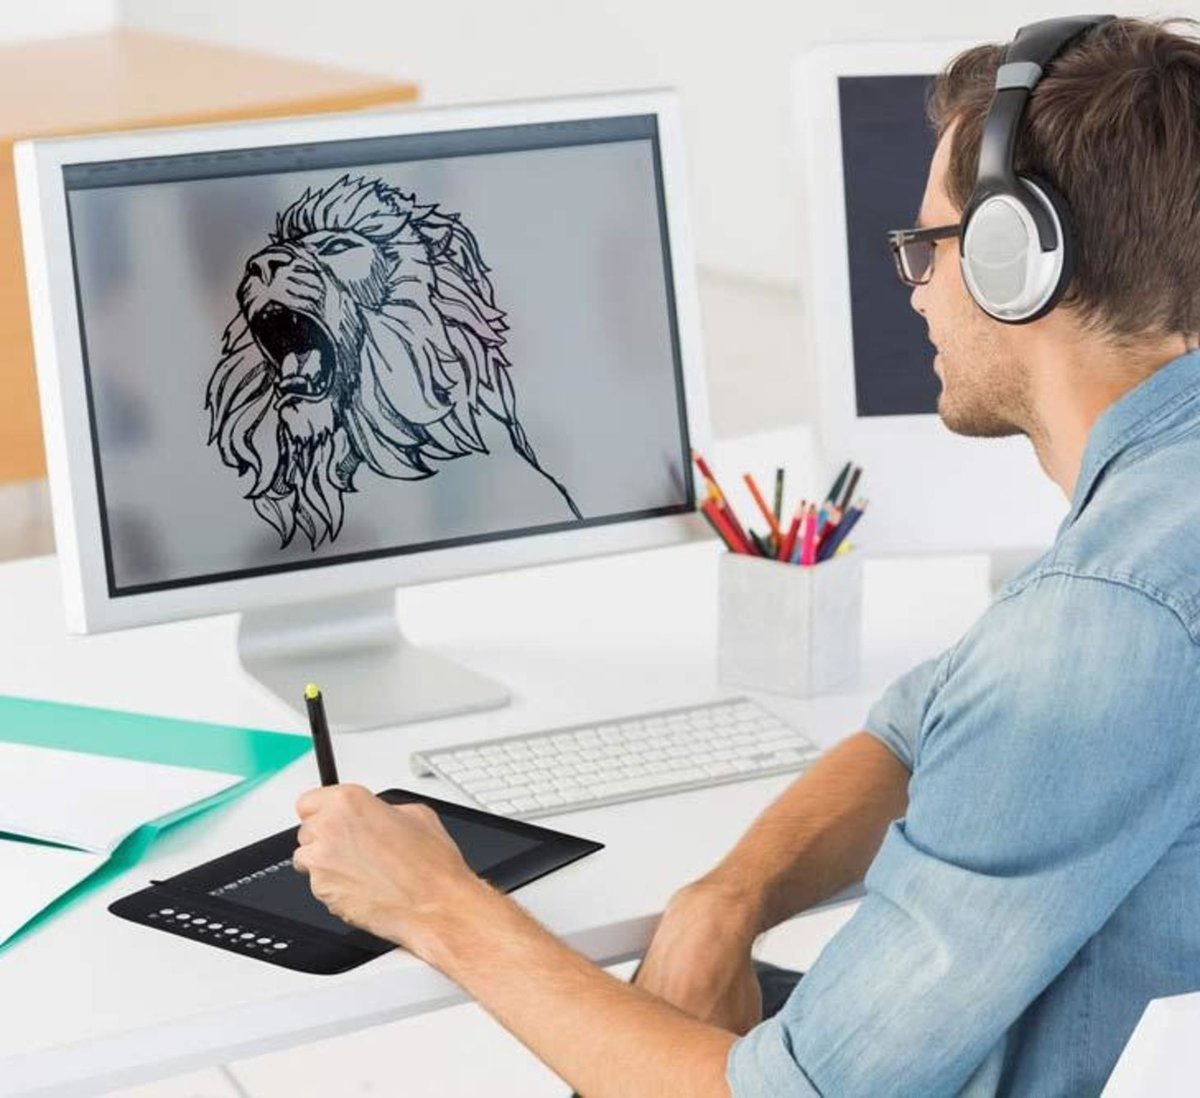 Картинки, как создают картинки на компьютере